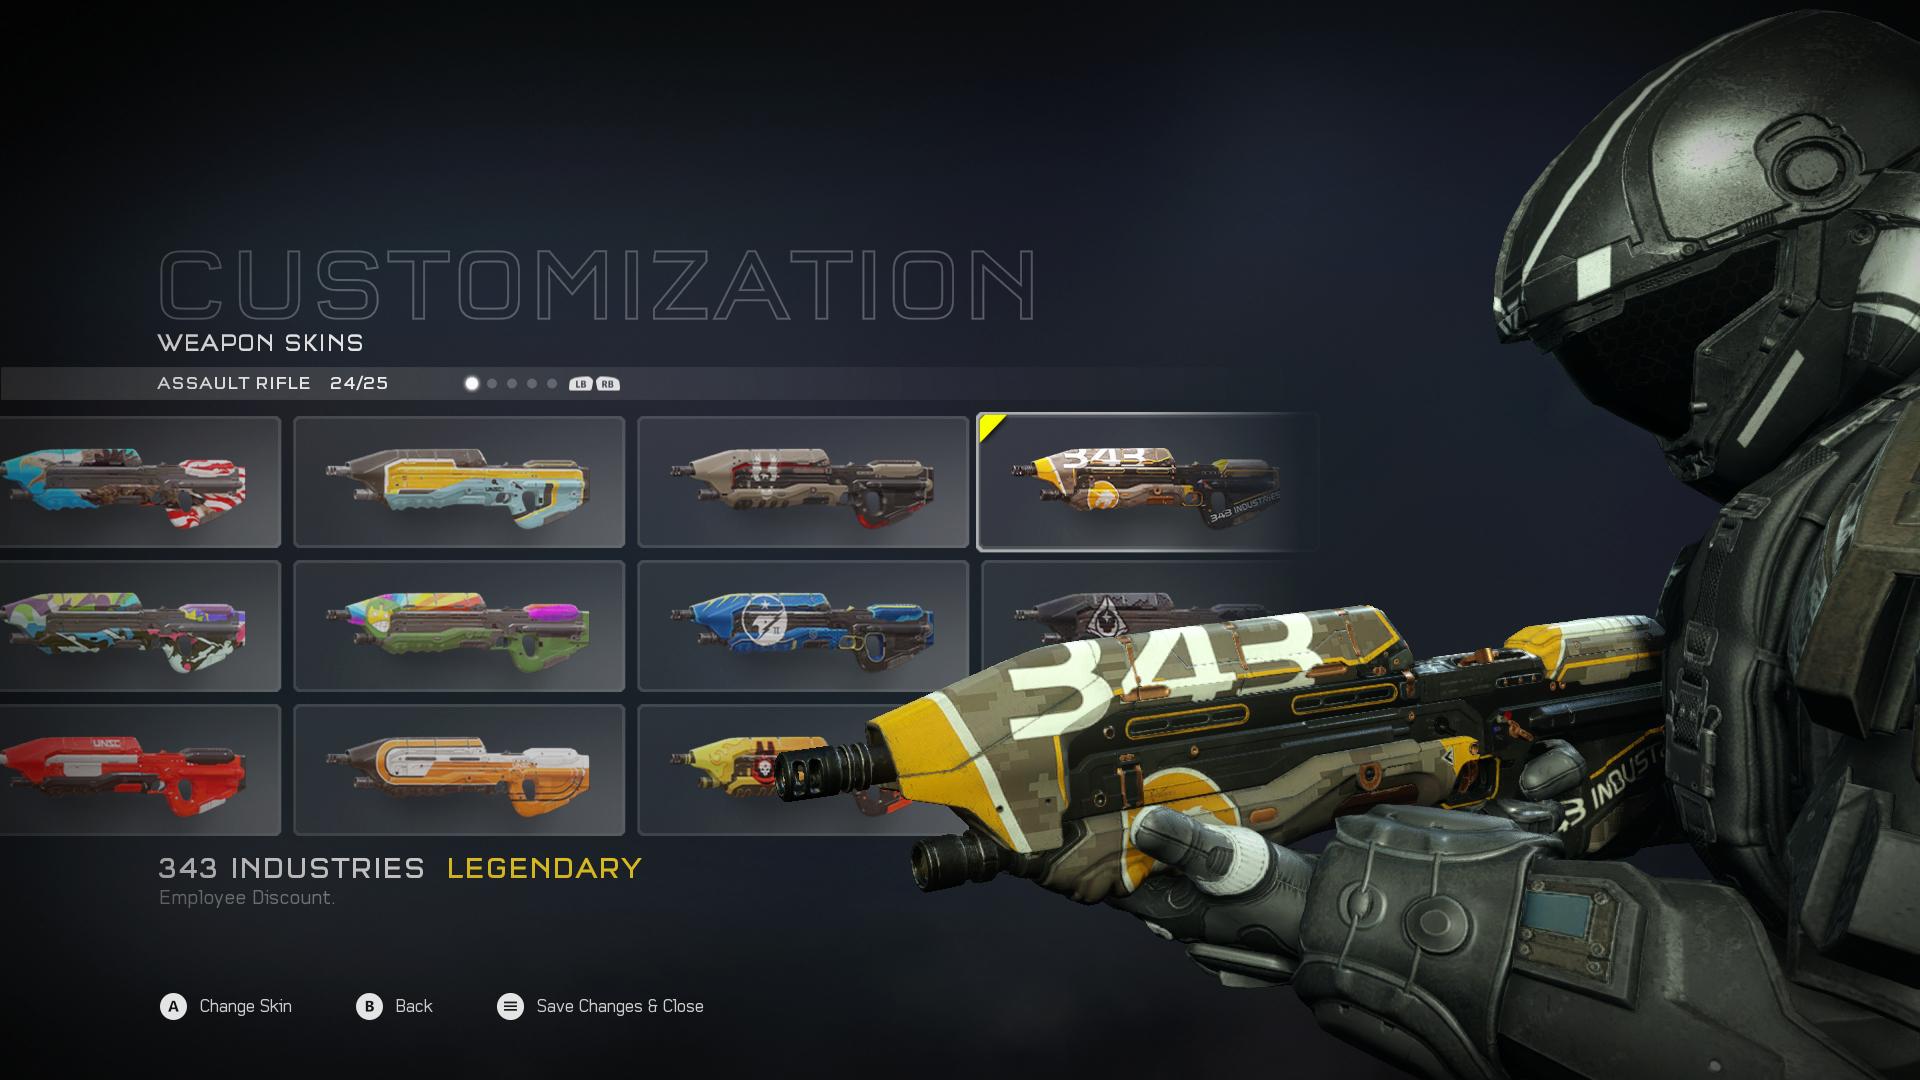 343 AR custom